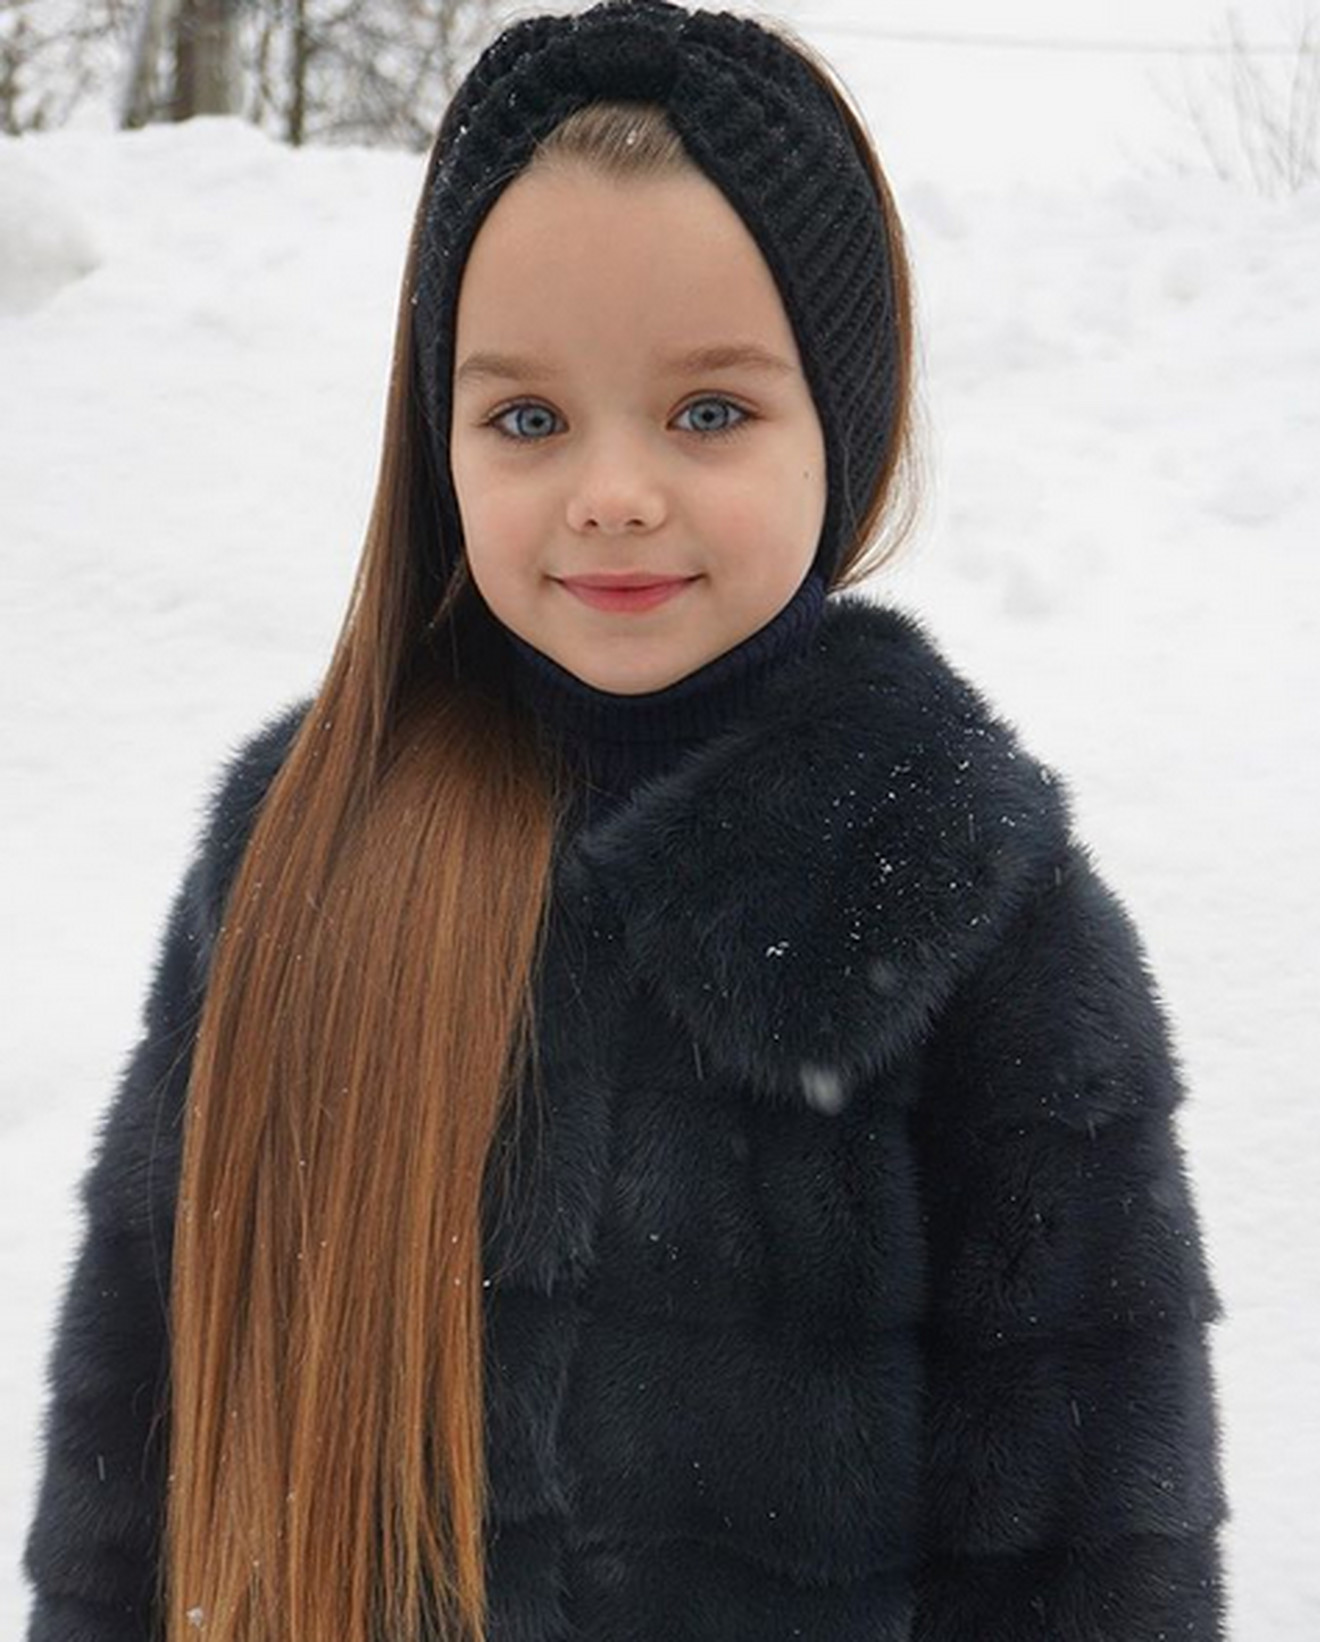 Anastasija Knjazeva